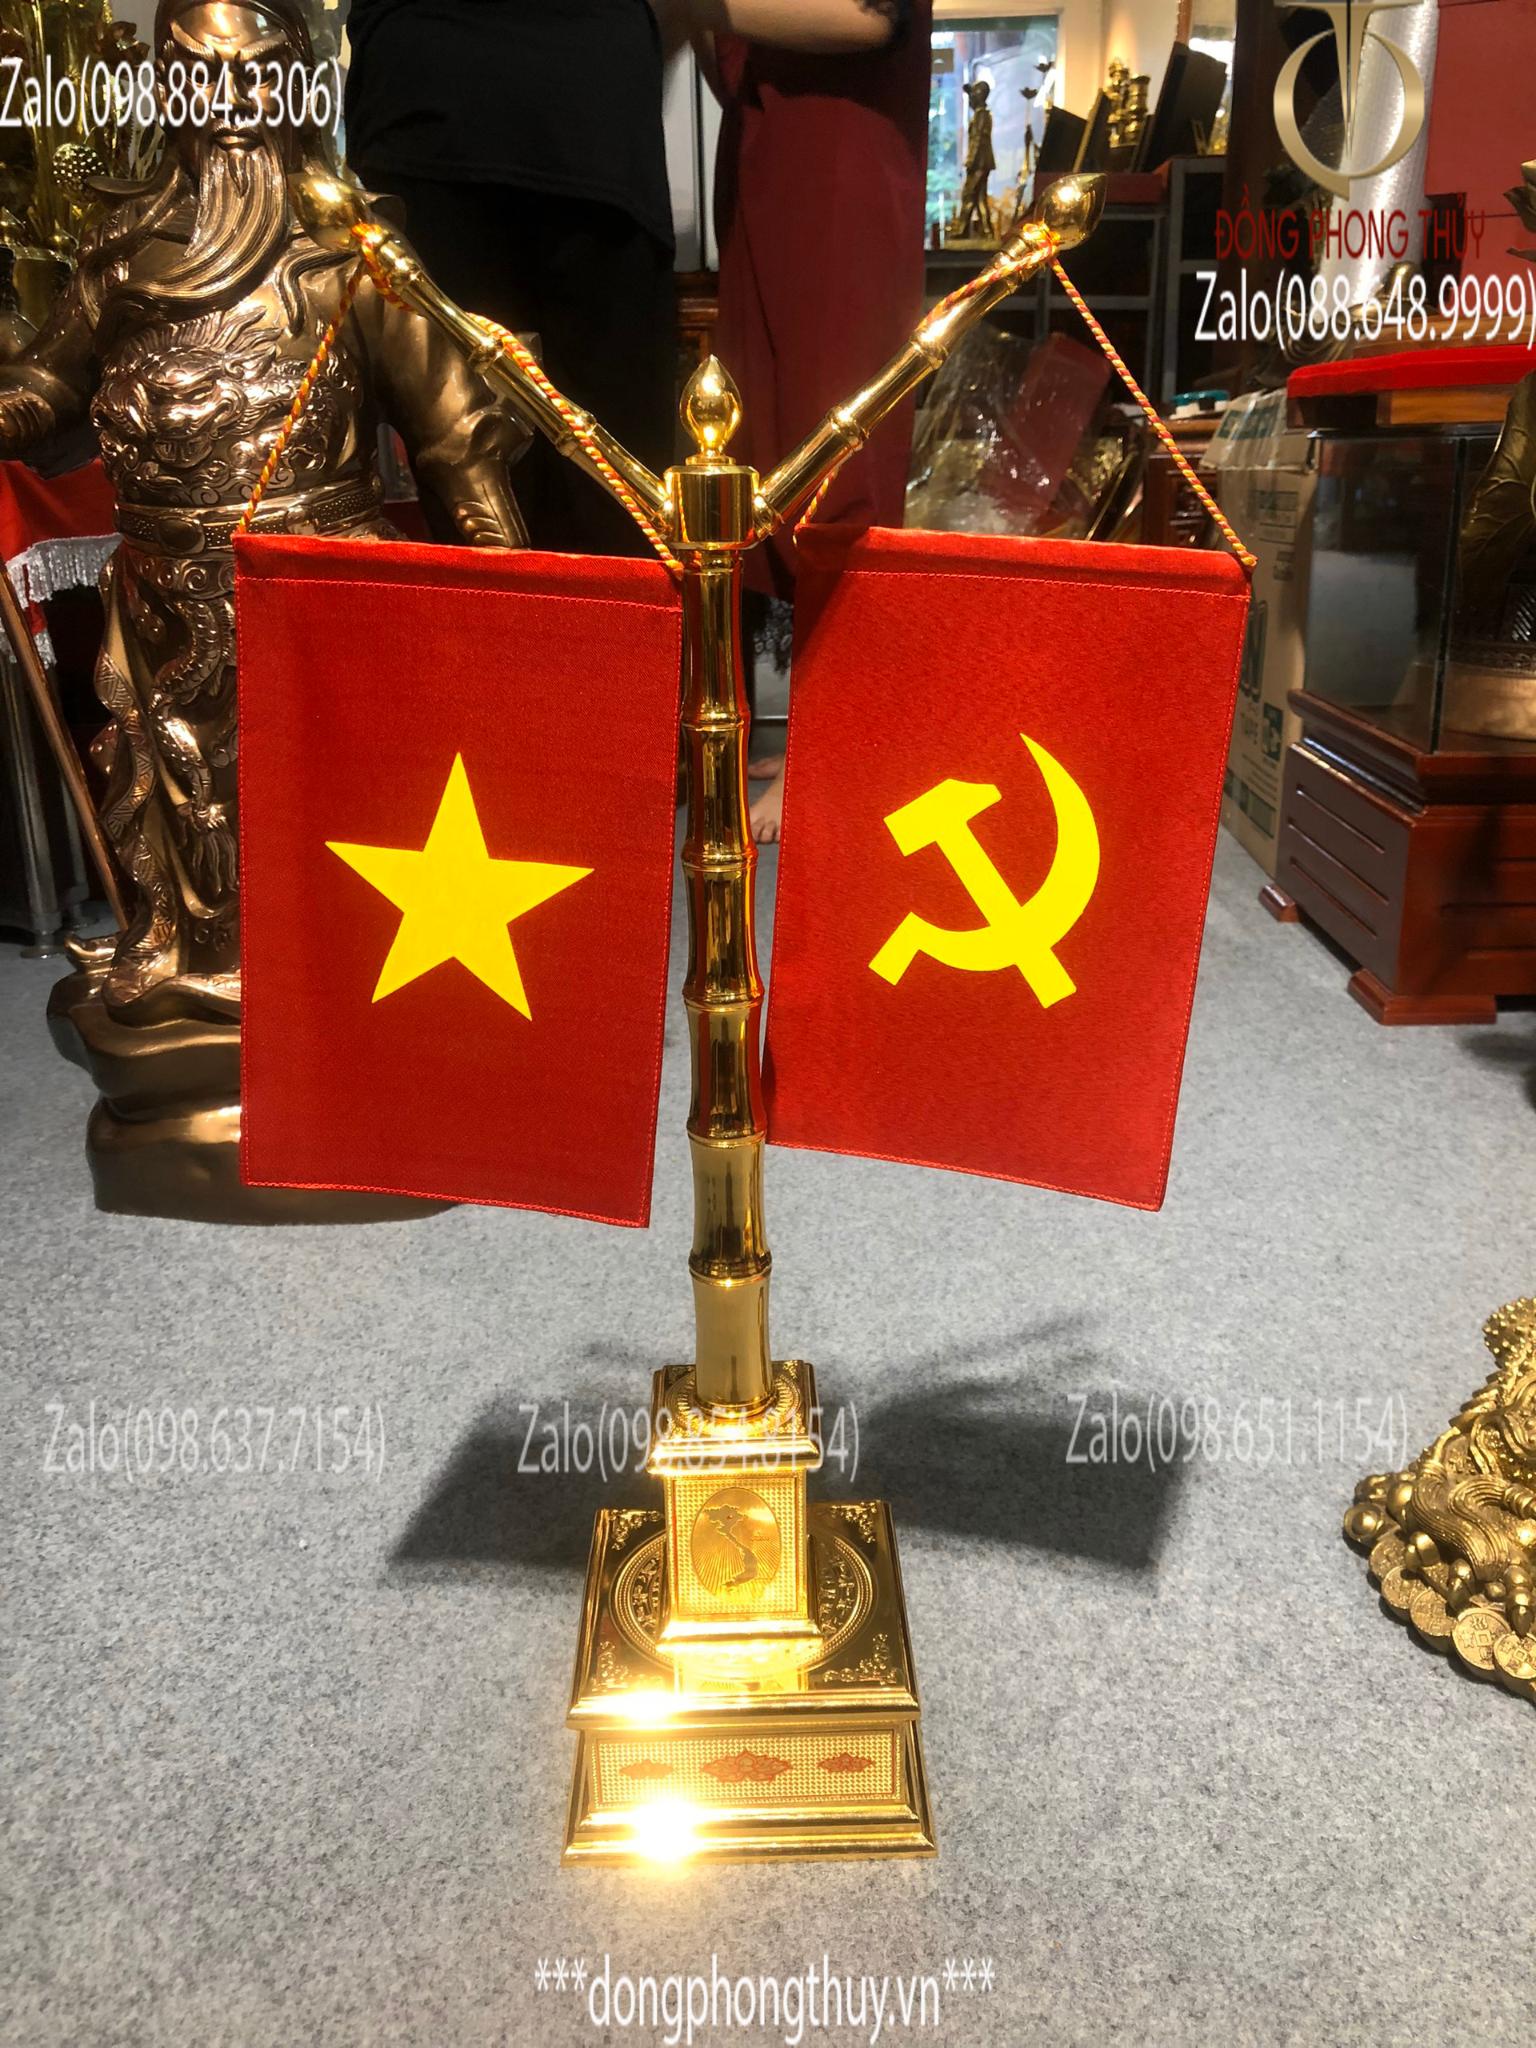 Cột cờ bằng đồng mạ vàng 24k